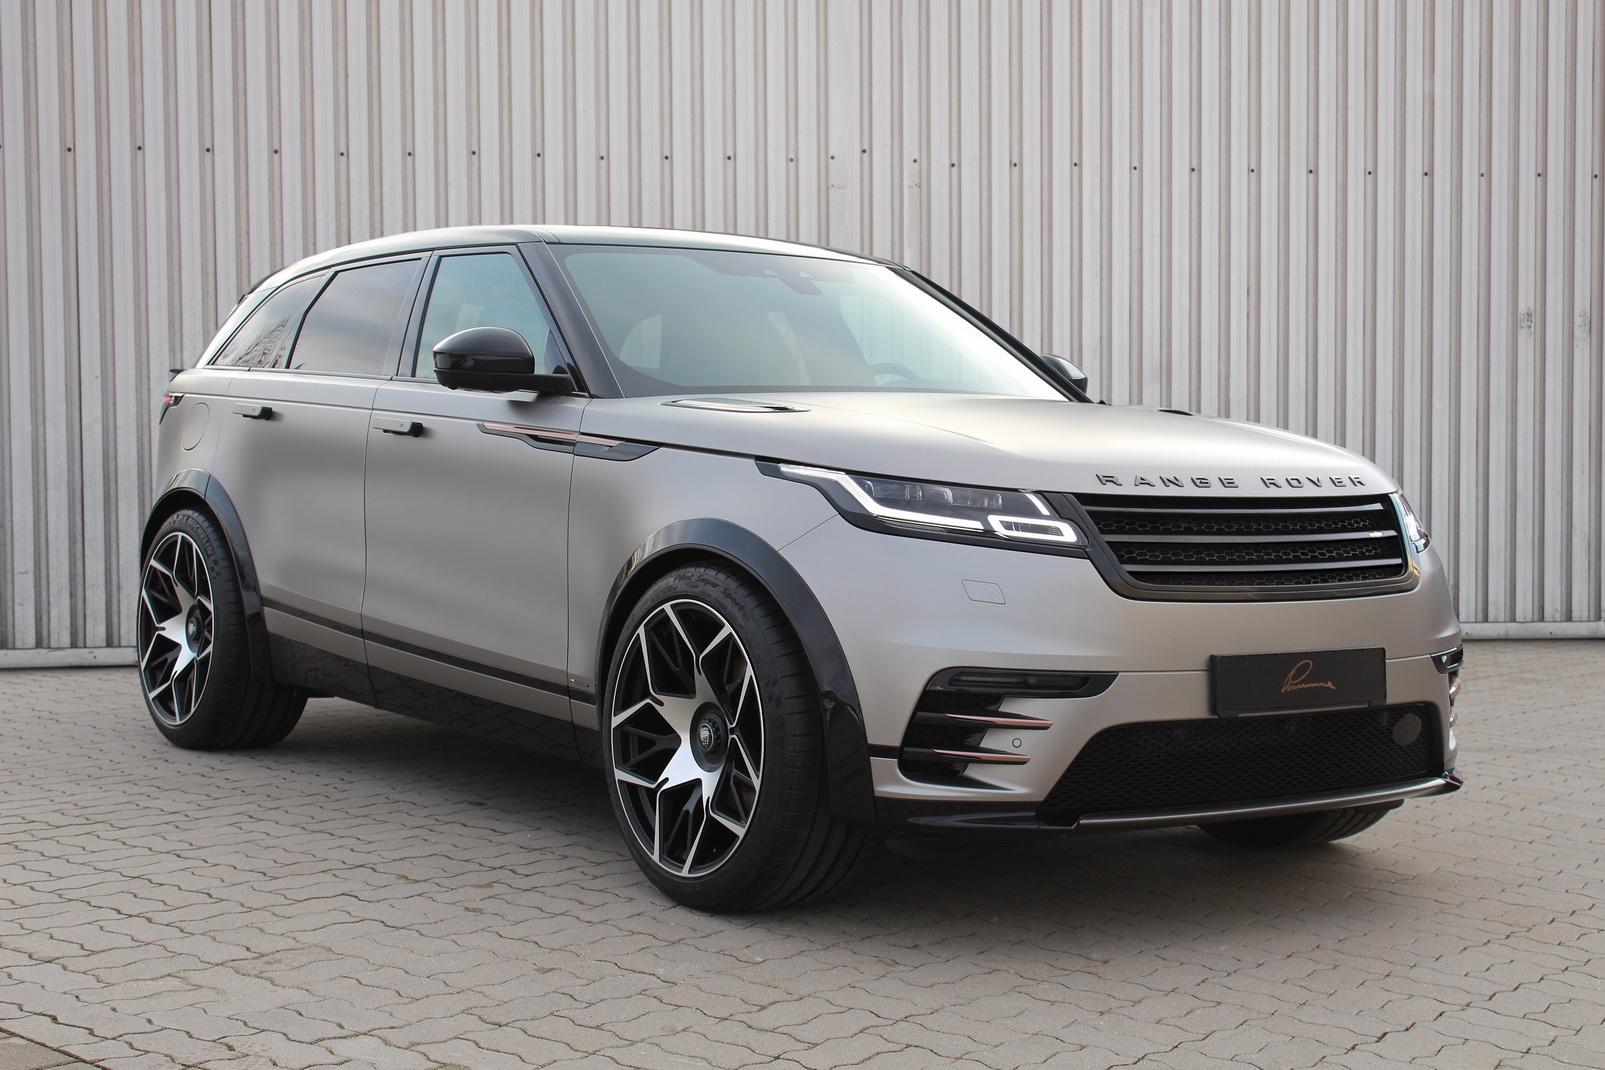 Range-Rover_Velar_Lumma_Design_0005